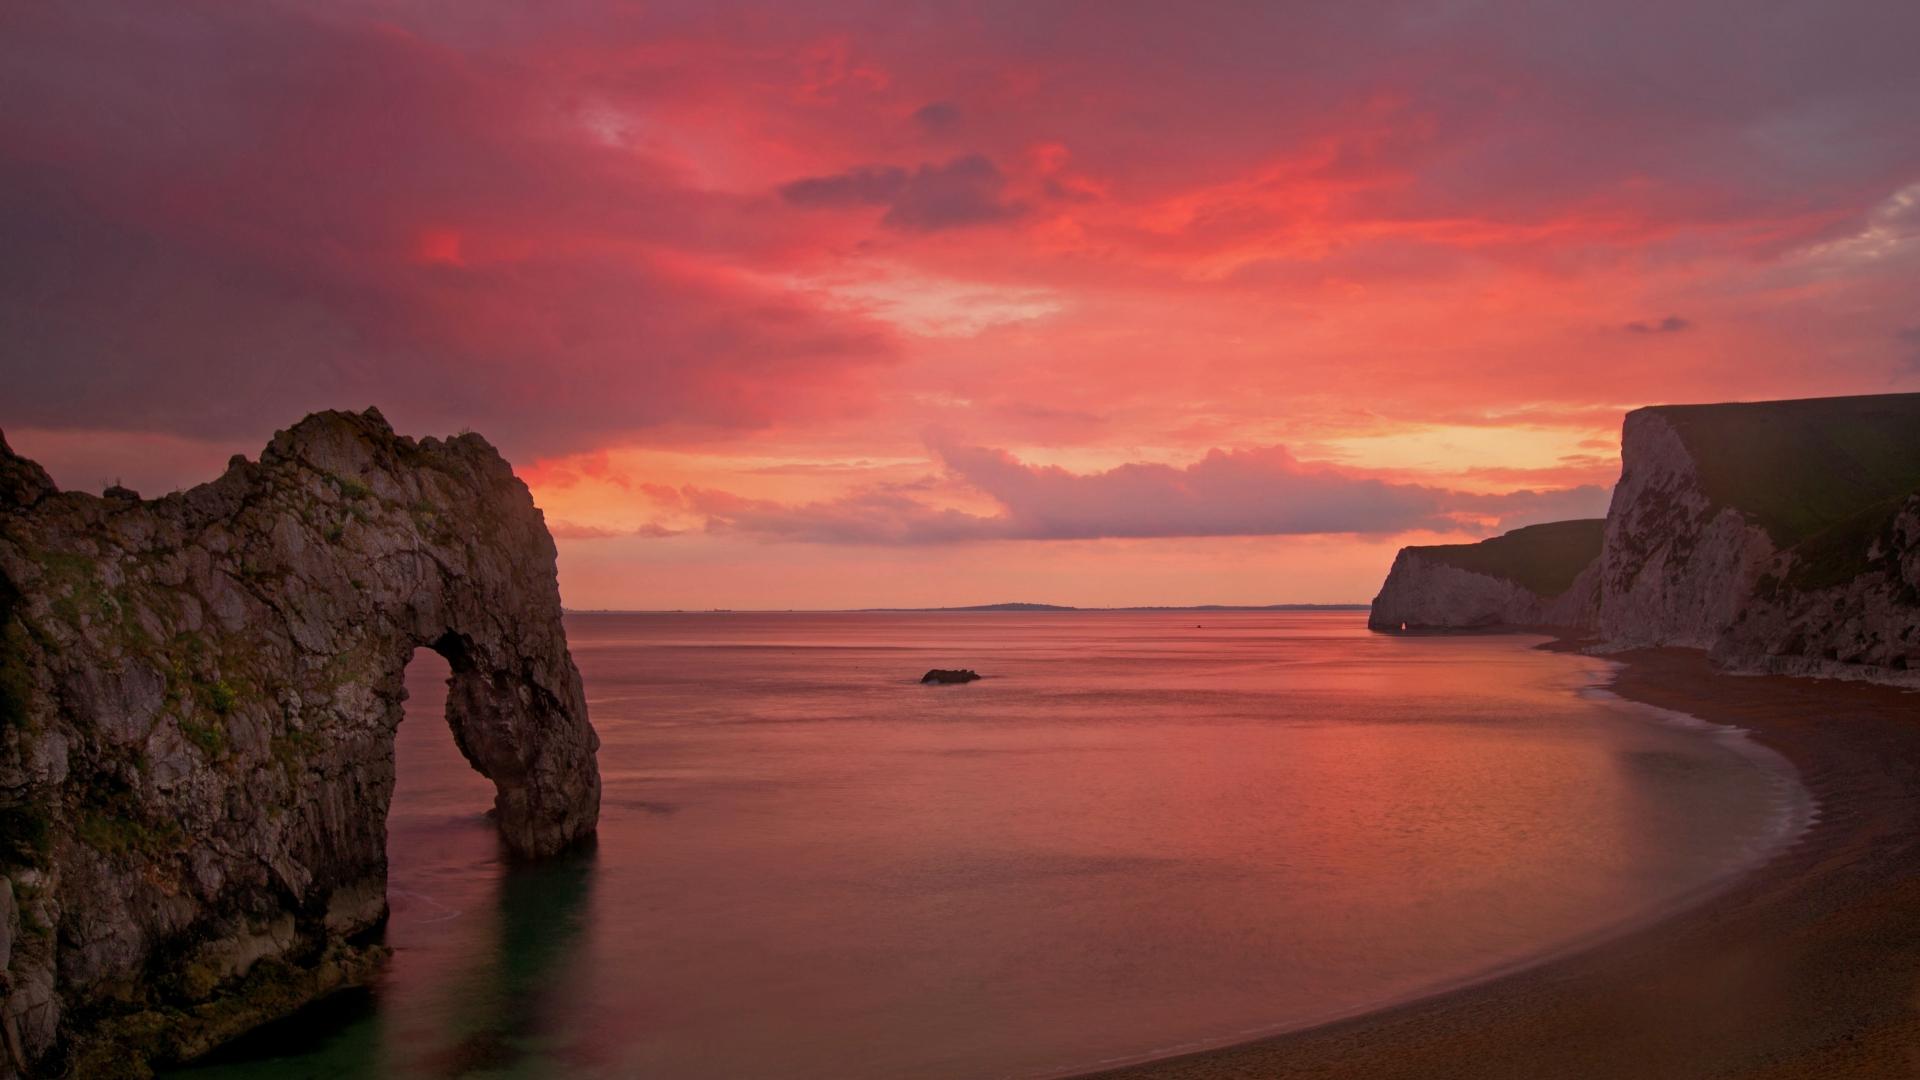 Durdle Dore sunset Dorset - 1920x1080